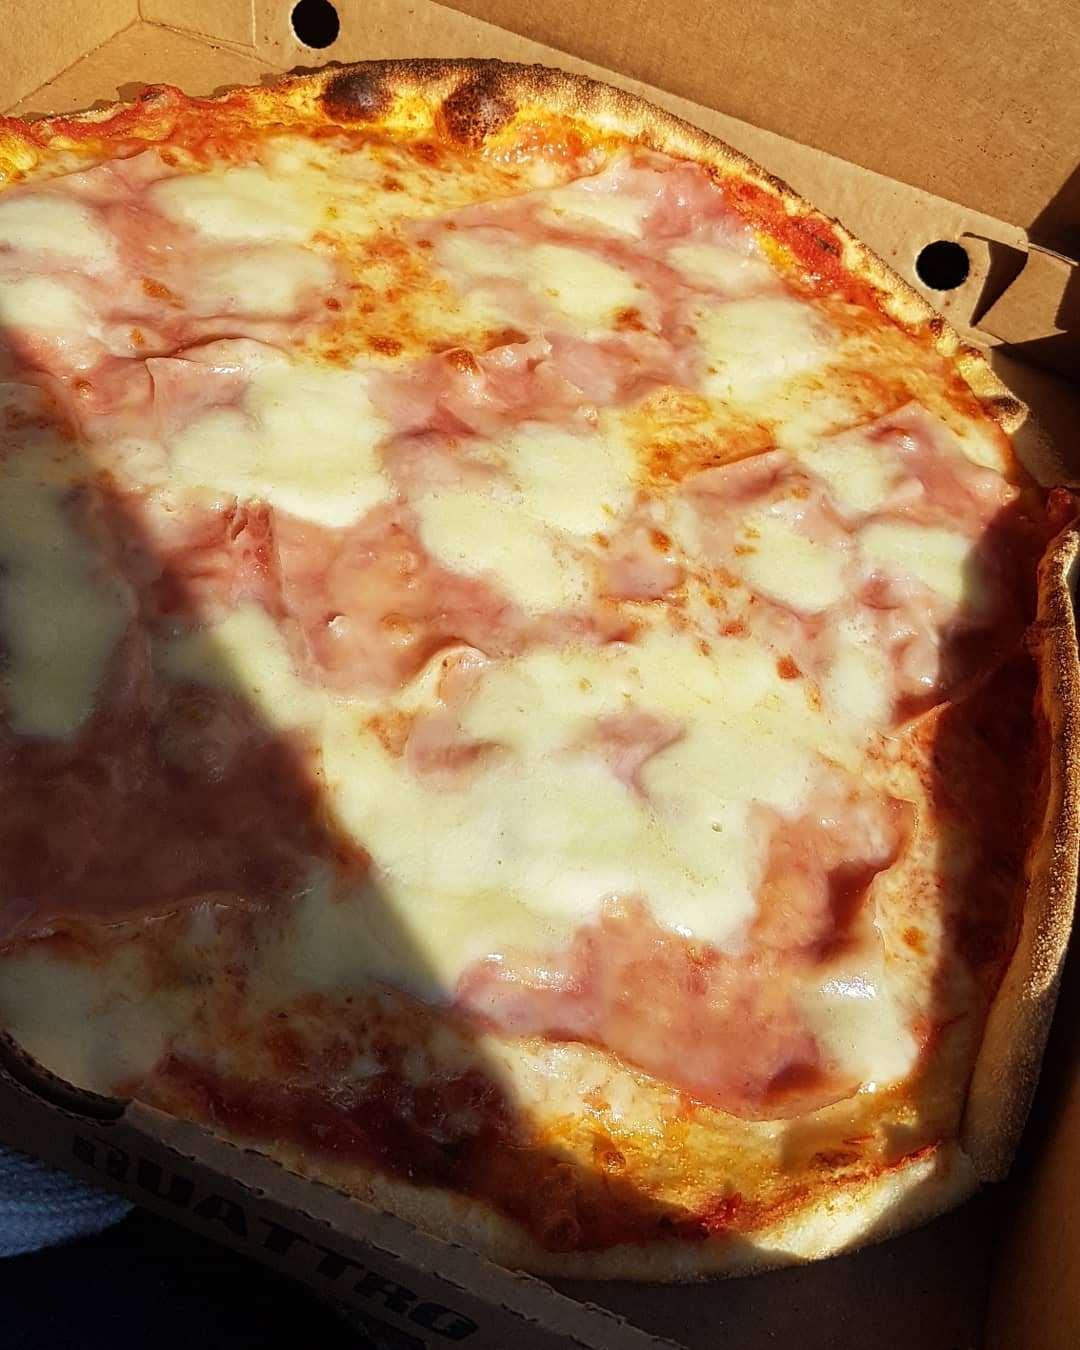 Pizza från Prego i Viken med buffelmozzarella och kokt skinka, Helen J Holmberg middag